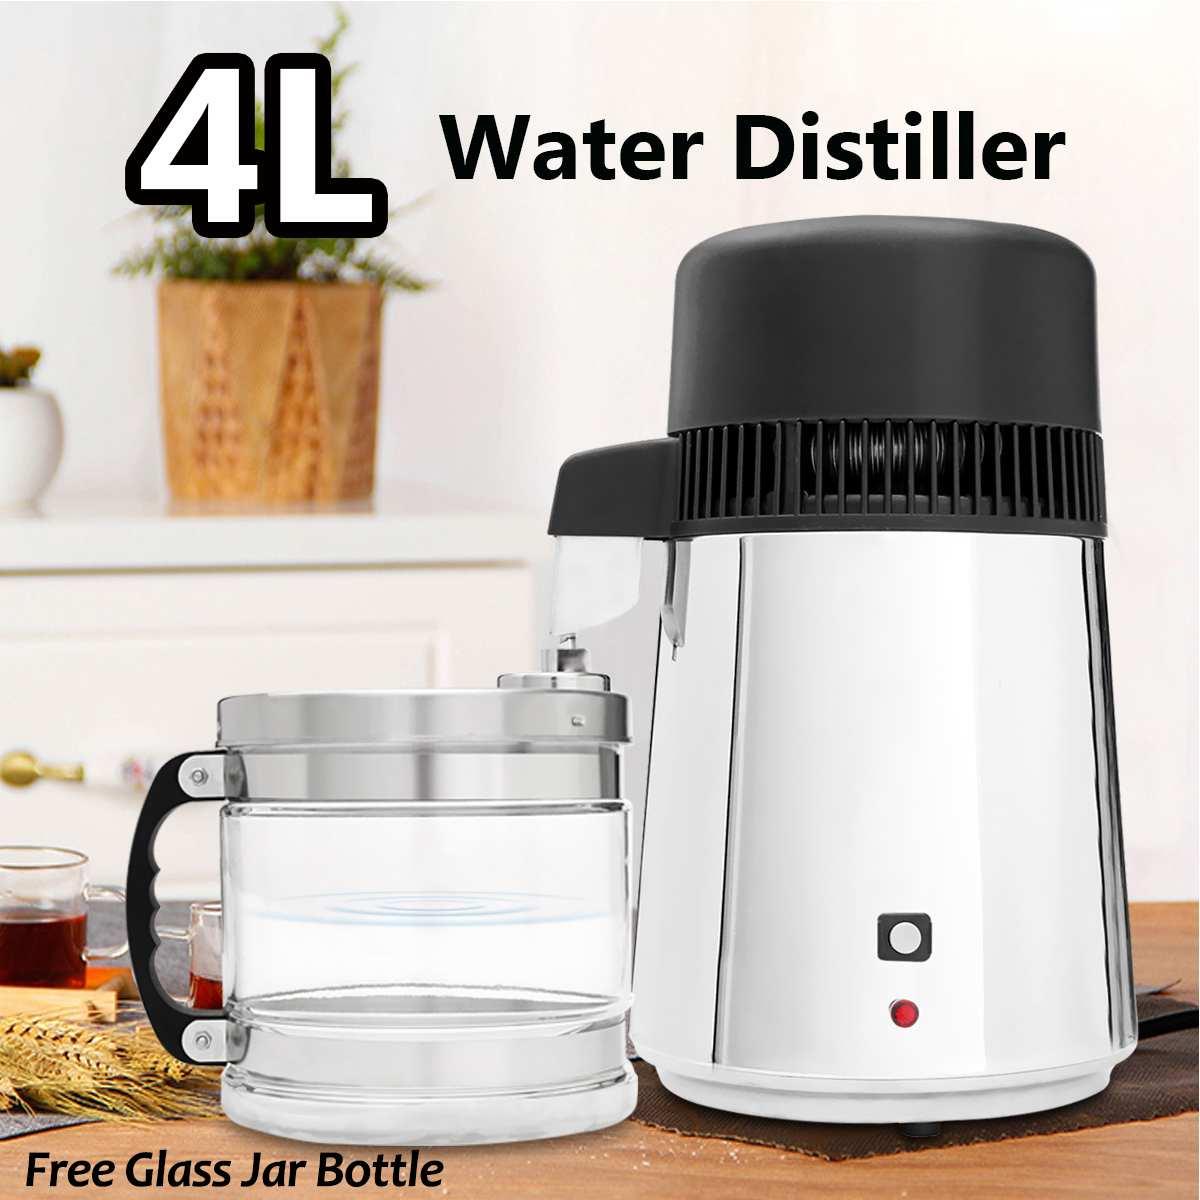 750W 4L Water Distiller Household Distilled Pure Water Machine Distillation Purifier Filter Stainless Steel Water Filter AU Plug